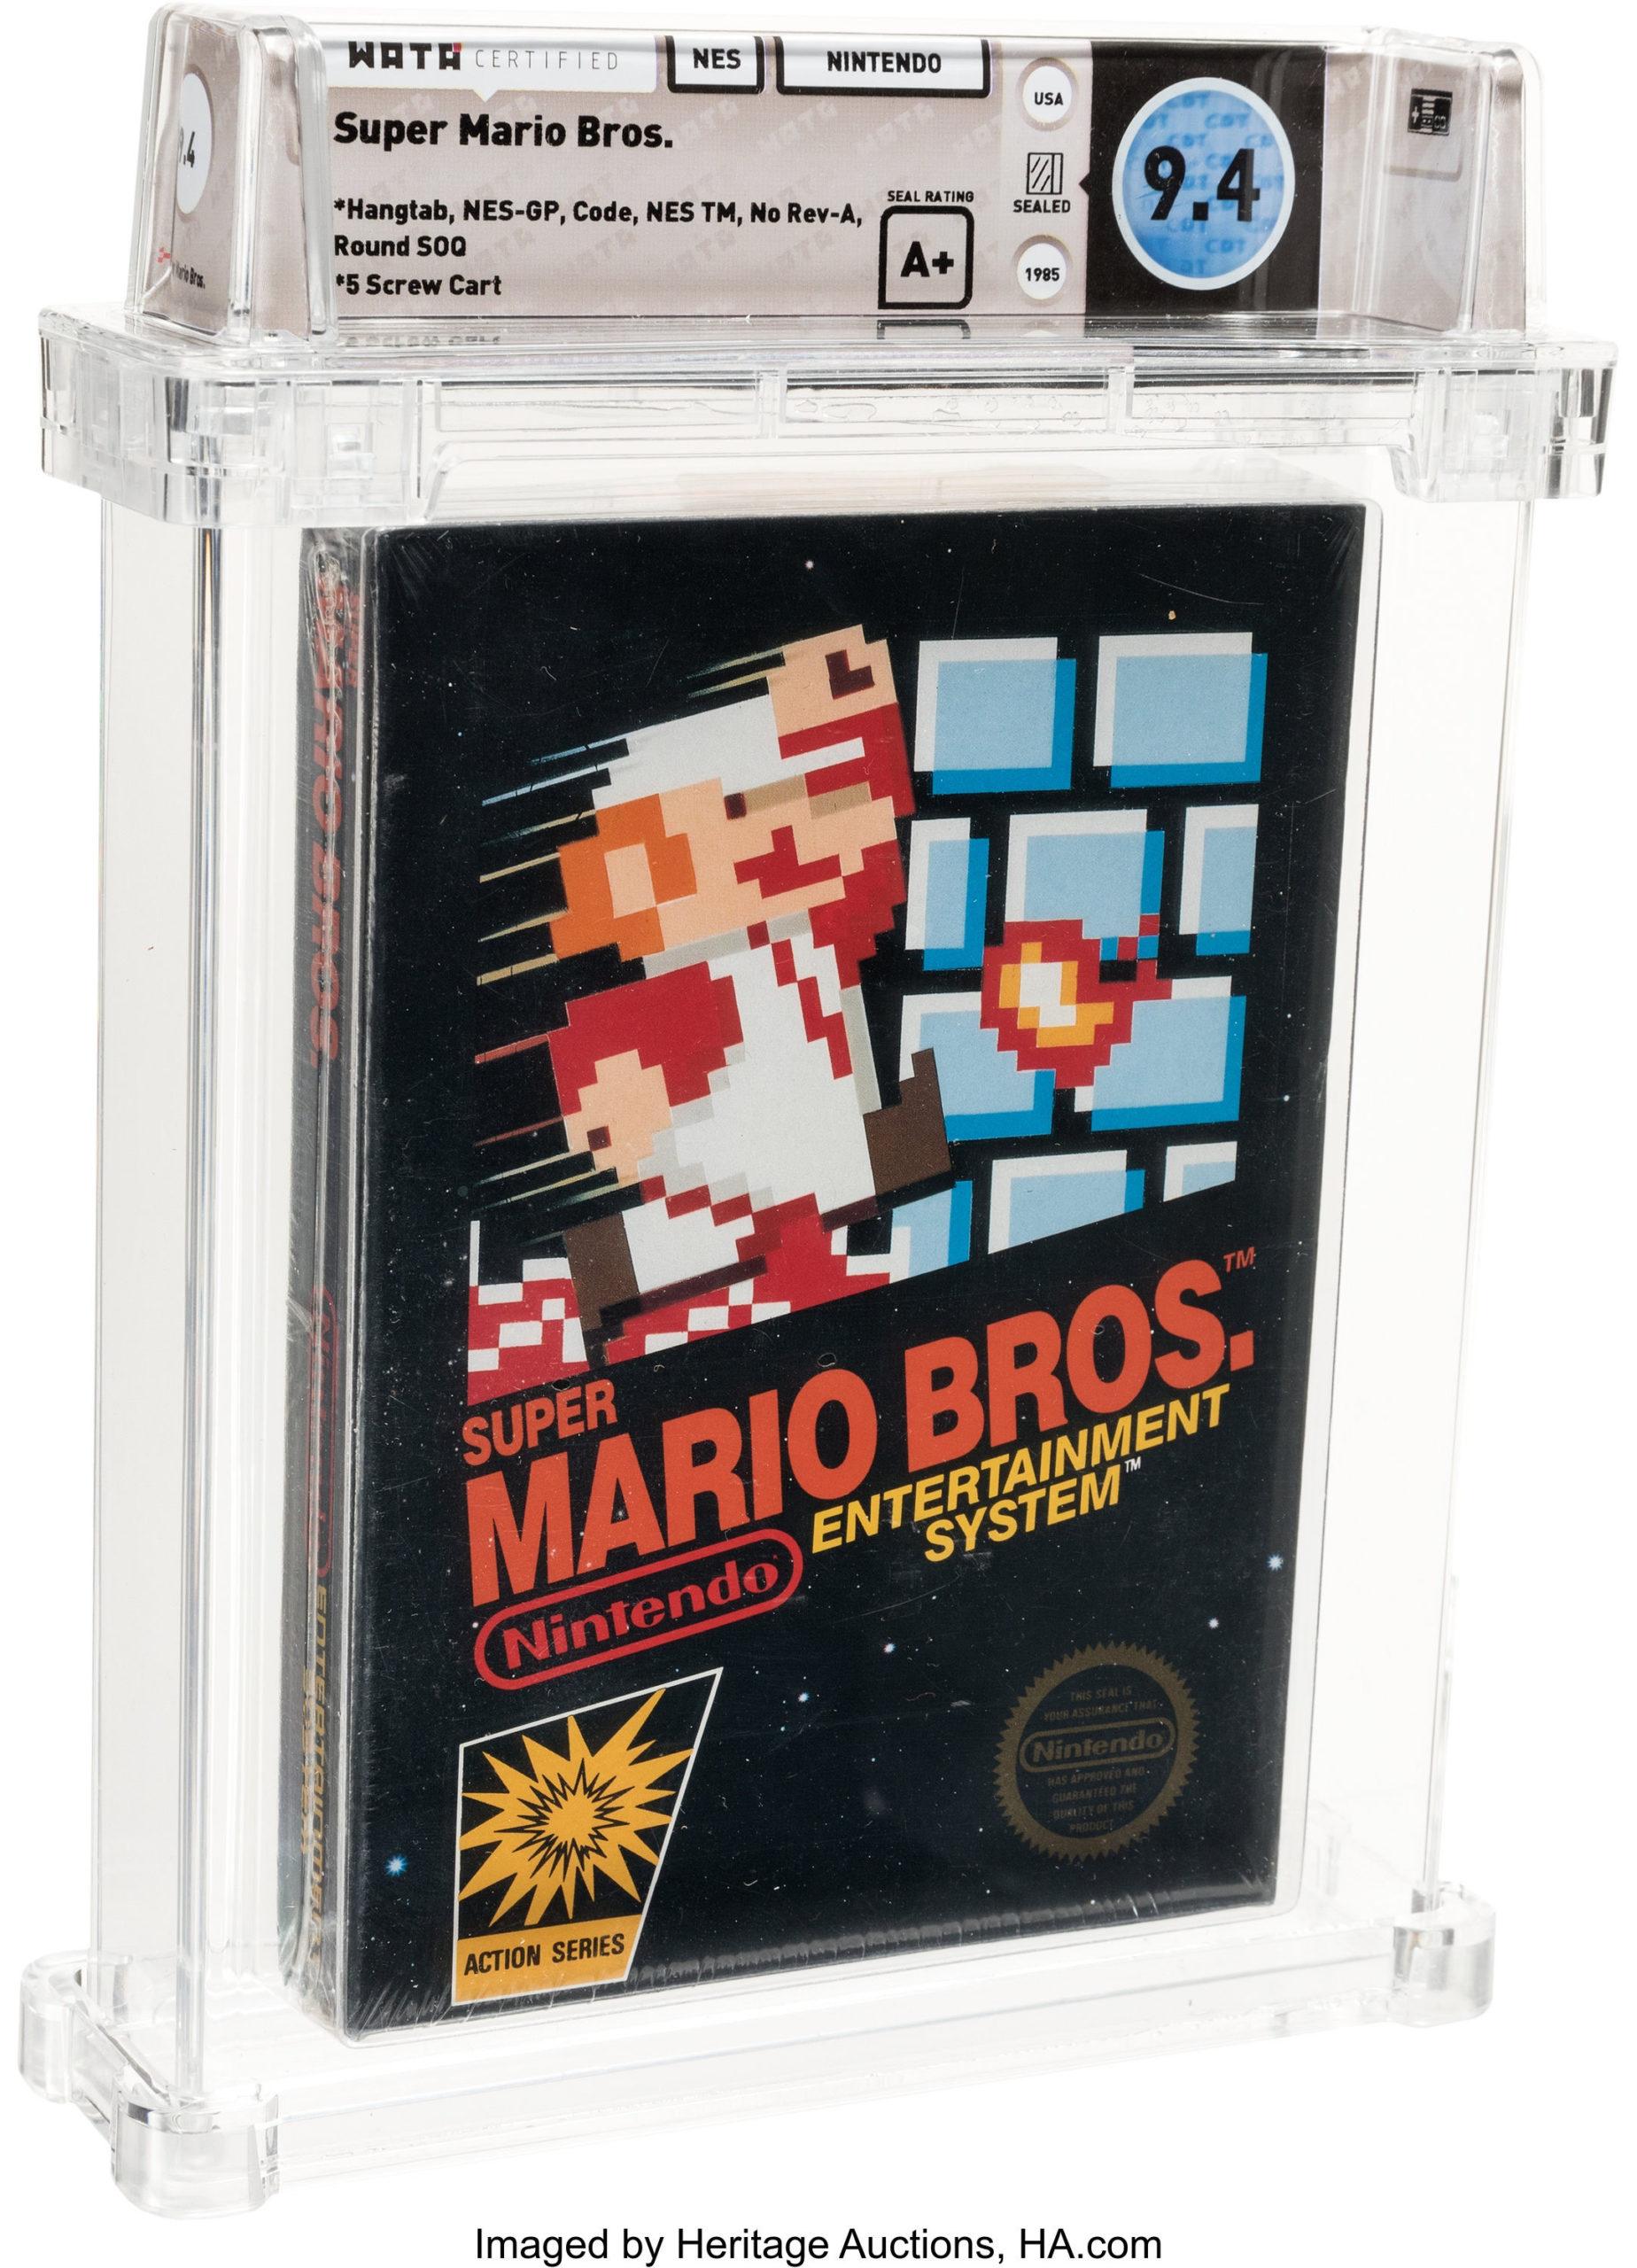 Le prix de 1144,000$US a battu l'ancien record de 100,000$US pour une autre copie de Super Mario Bros